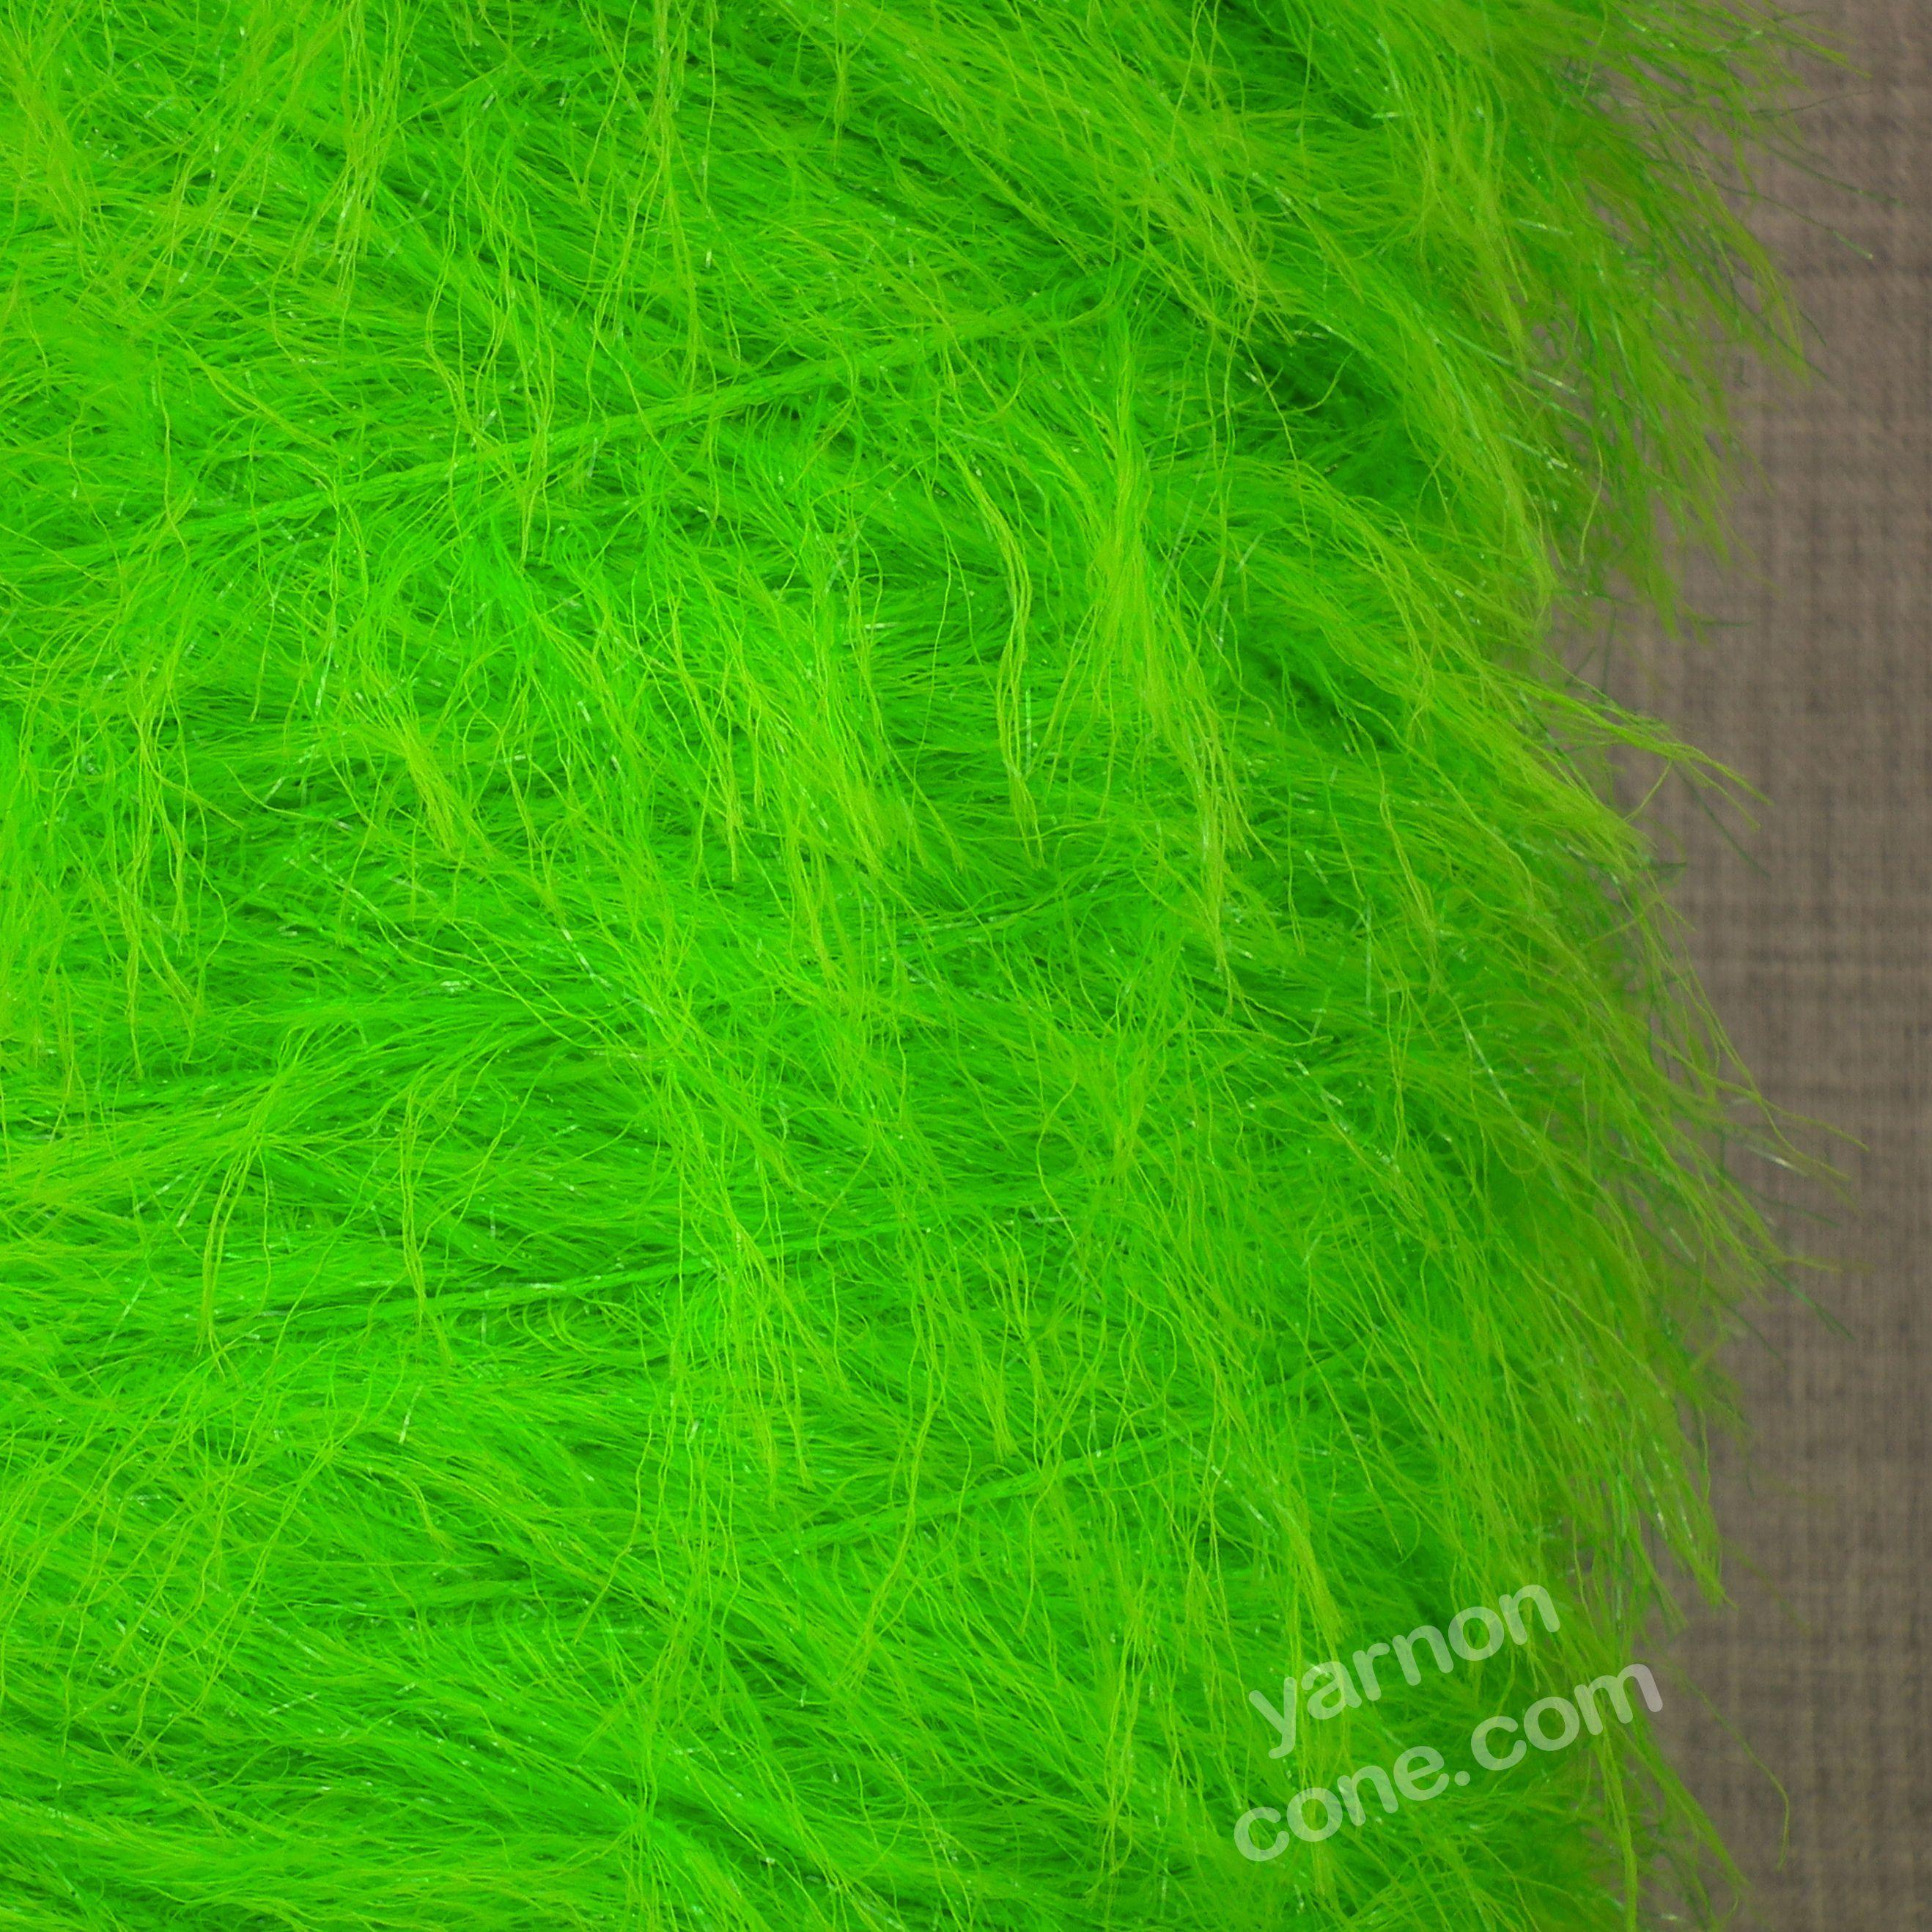 Feather Glitter Yarn Dk Lime Green Yarn On Cone